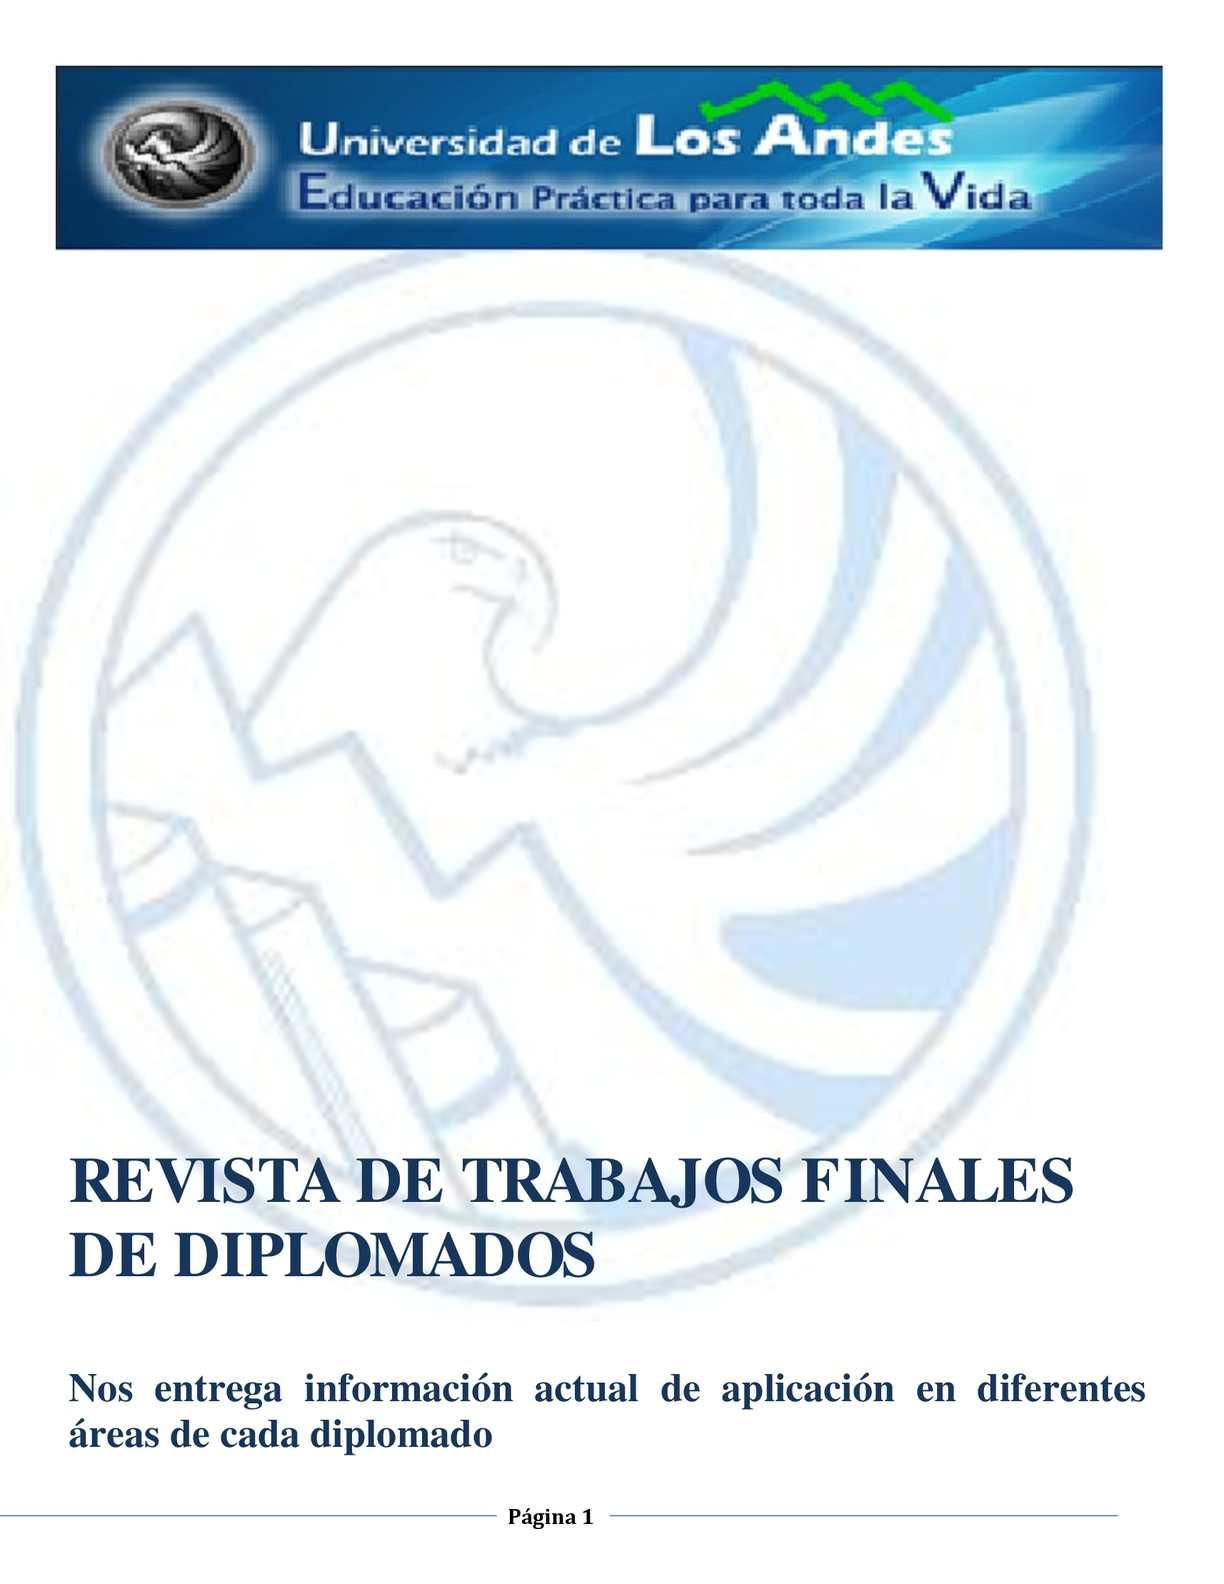 plan de cuentas superintendencia de compañias 2014 ecuador épinal